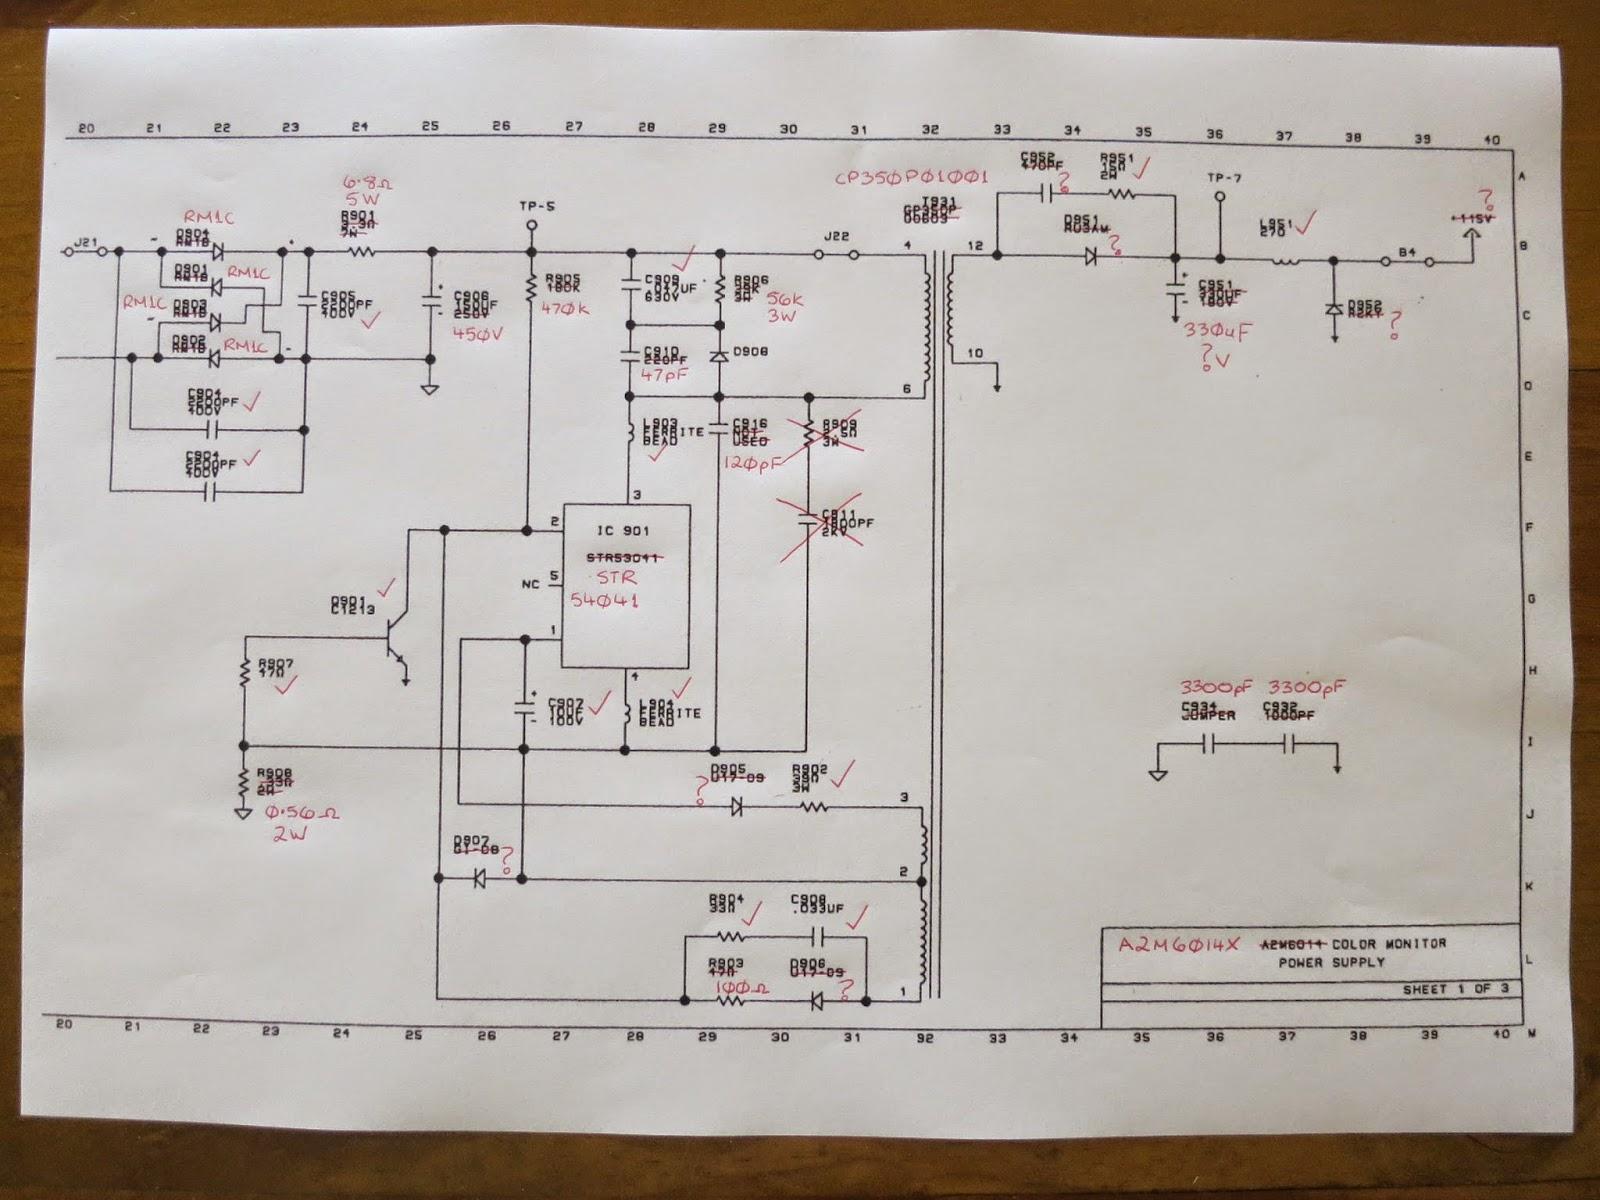 Großzügig Schaltplan Für 110 Volt Ausgang Fotos - Schaltplan Serie ...